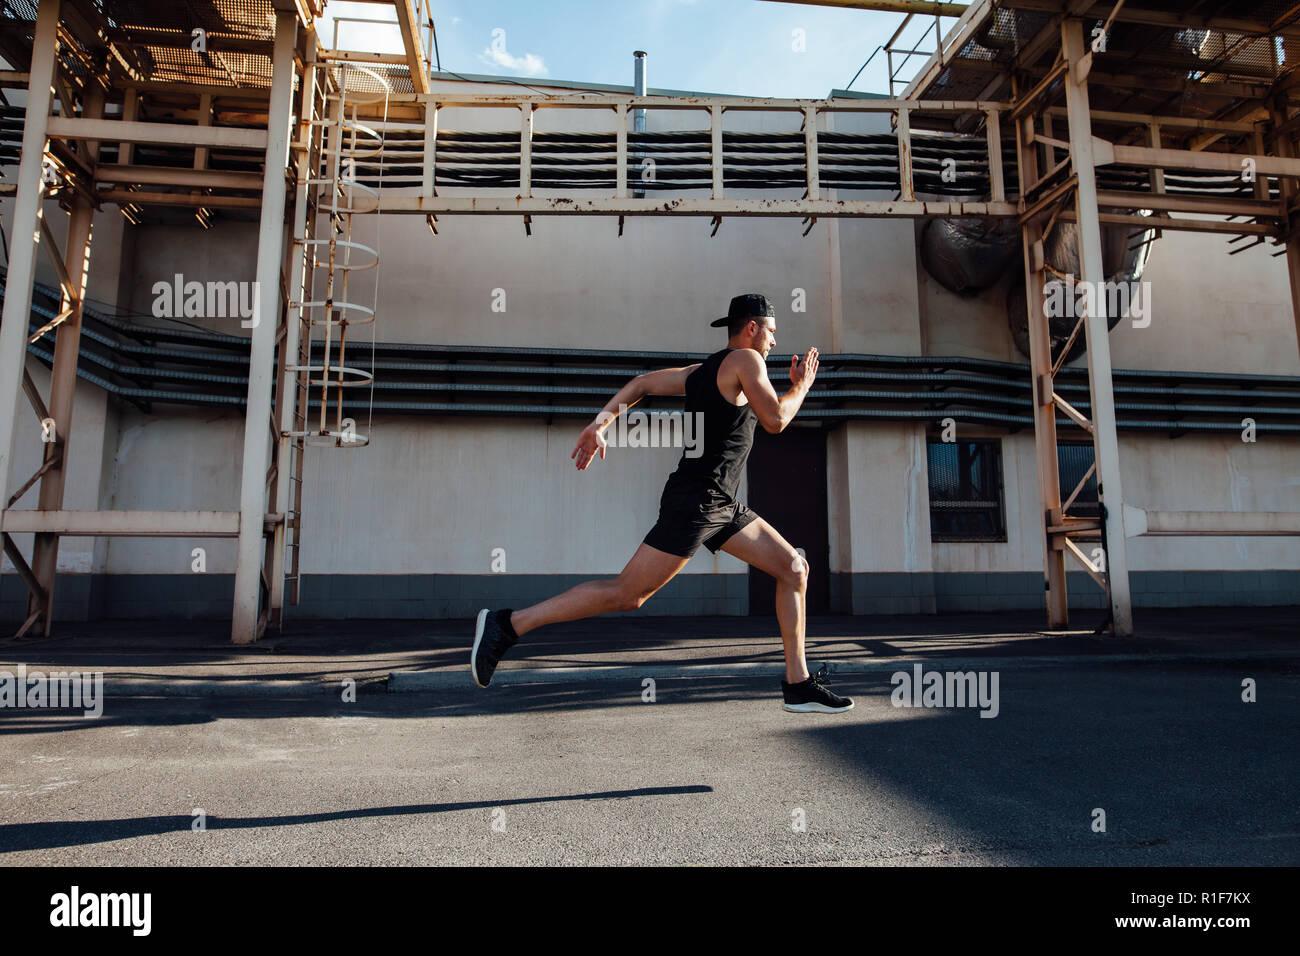 L'homme sportif courir vite dans la ville industrielle de fond. Le sport, l'athlétisme, fitness, jogging activité Photo Stock